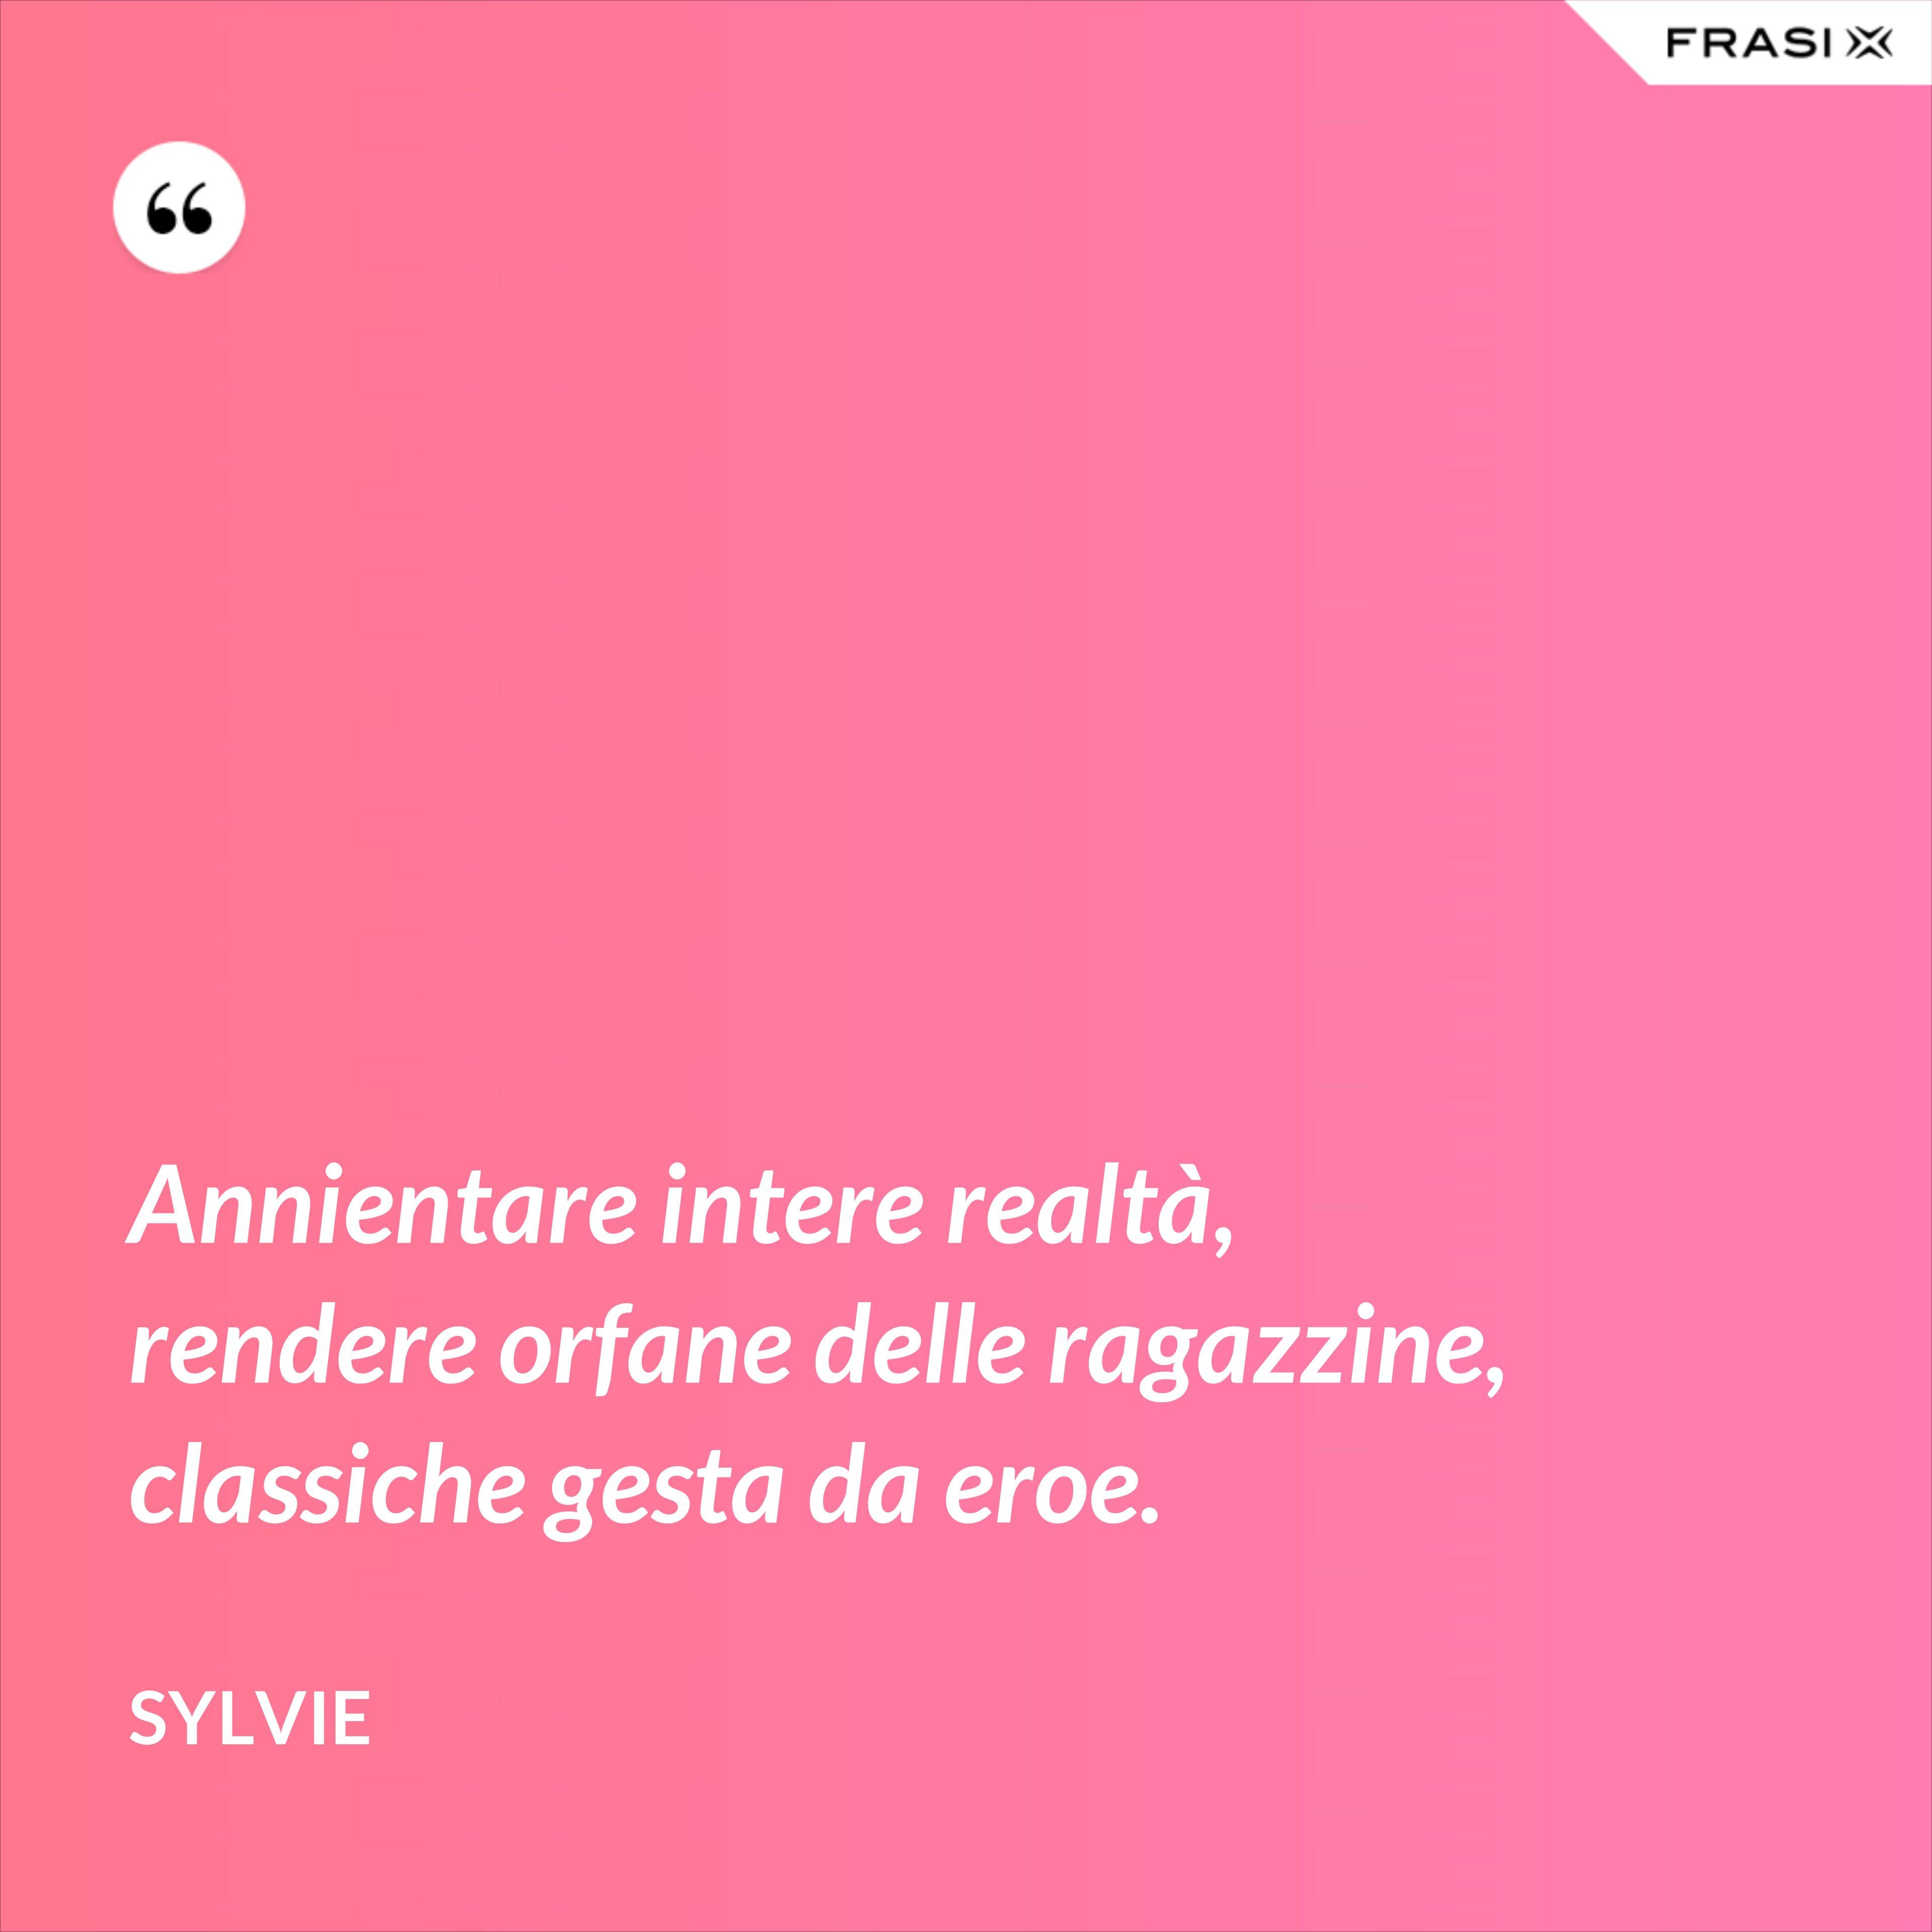 Annientare intere realtà, rendere orfane delle ragazzine, classiche gesta da eroe. - Sylvie